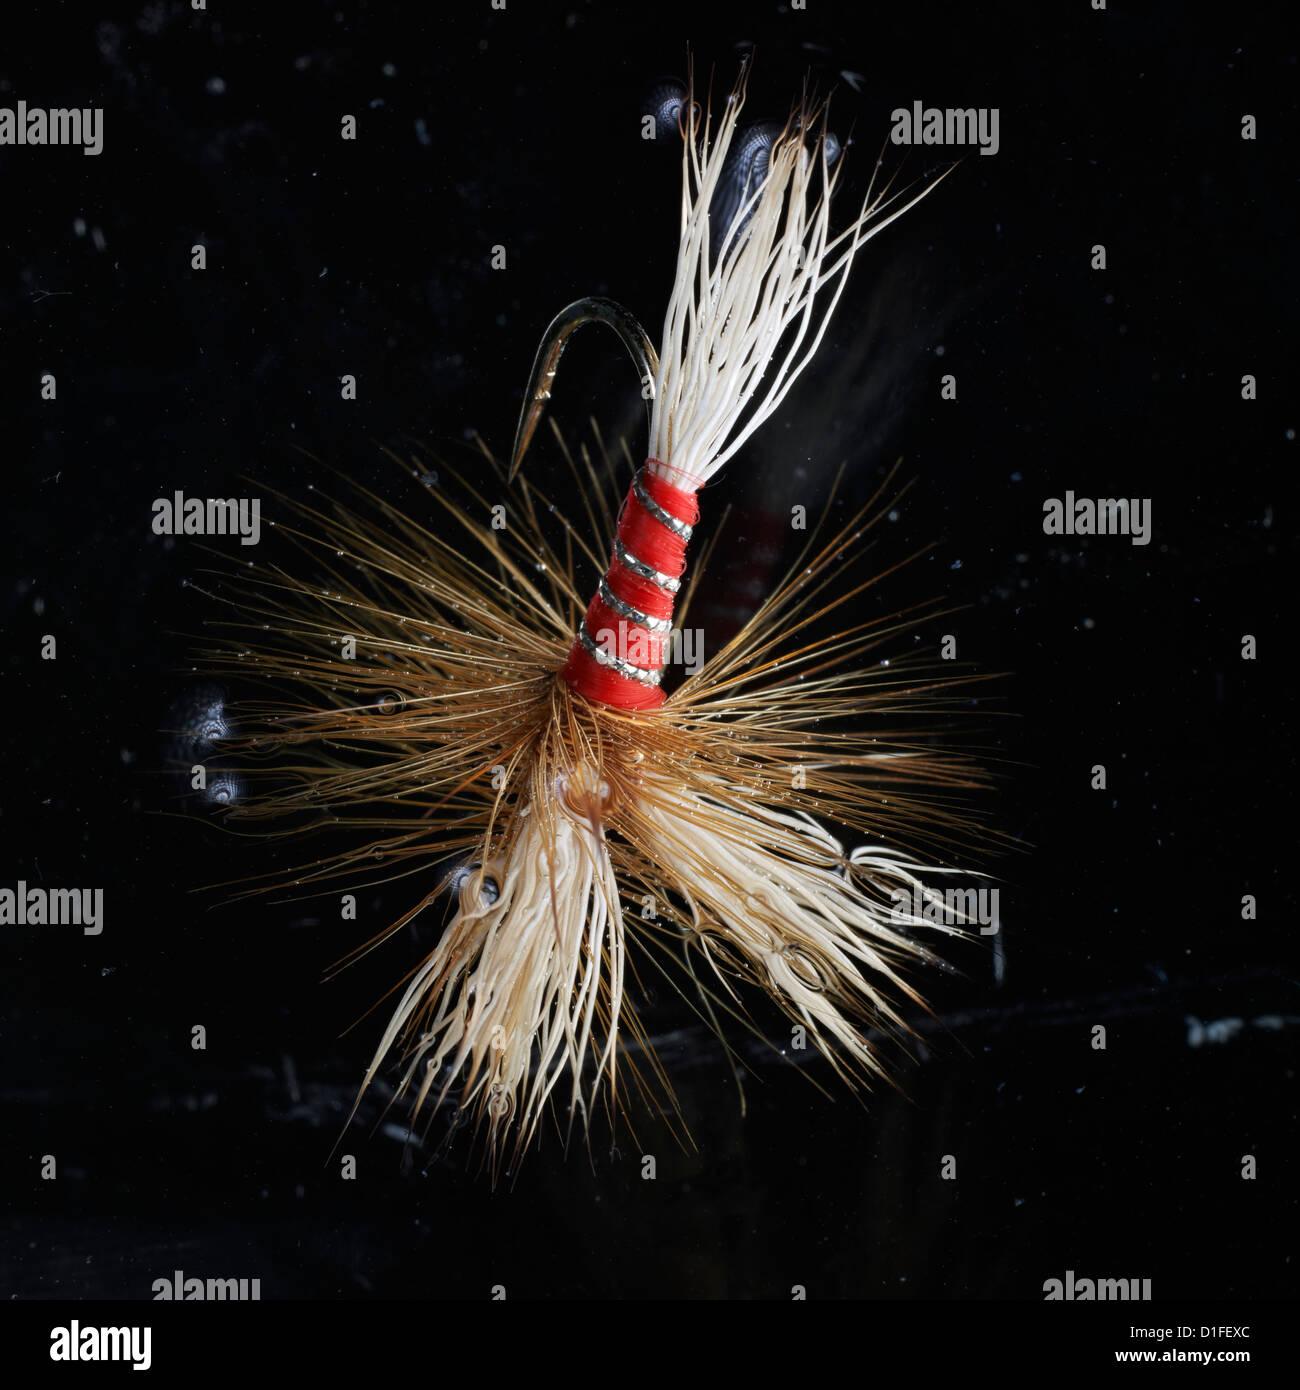 Wulff rojo pesca mosca artificial utilizada en pesca deportiva en condiciones extremas de cierre shot en el agua Imagen De Stock